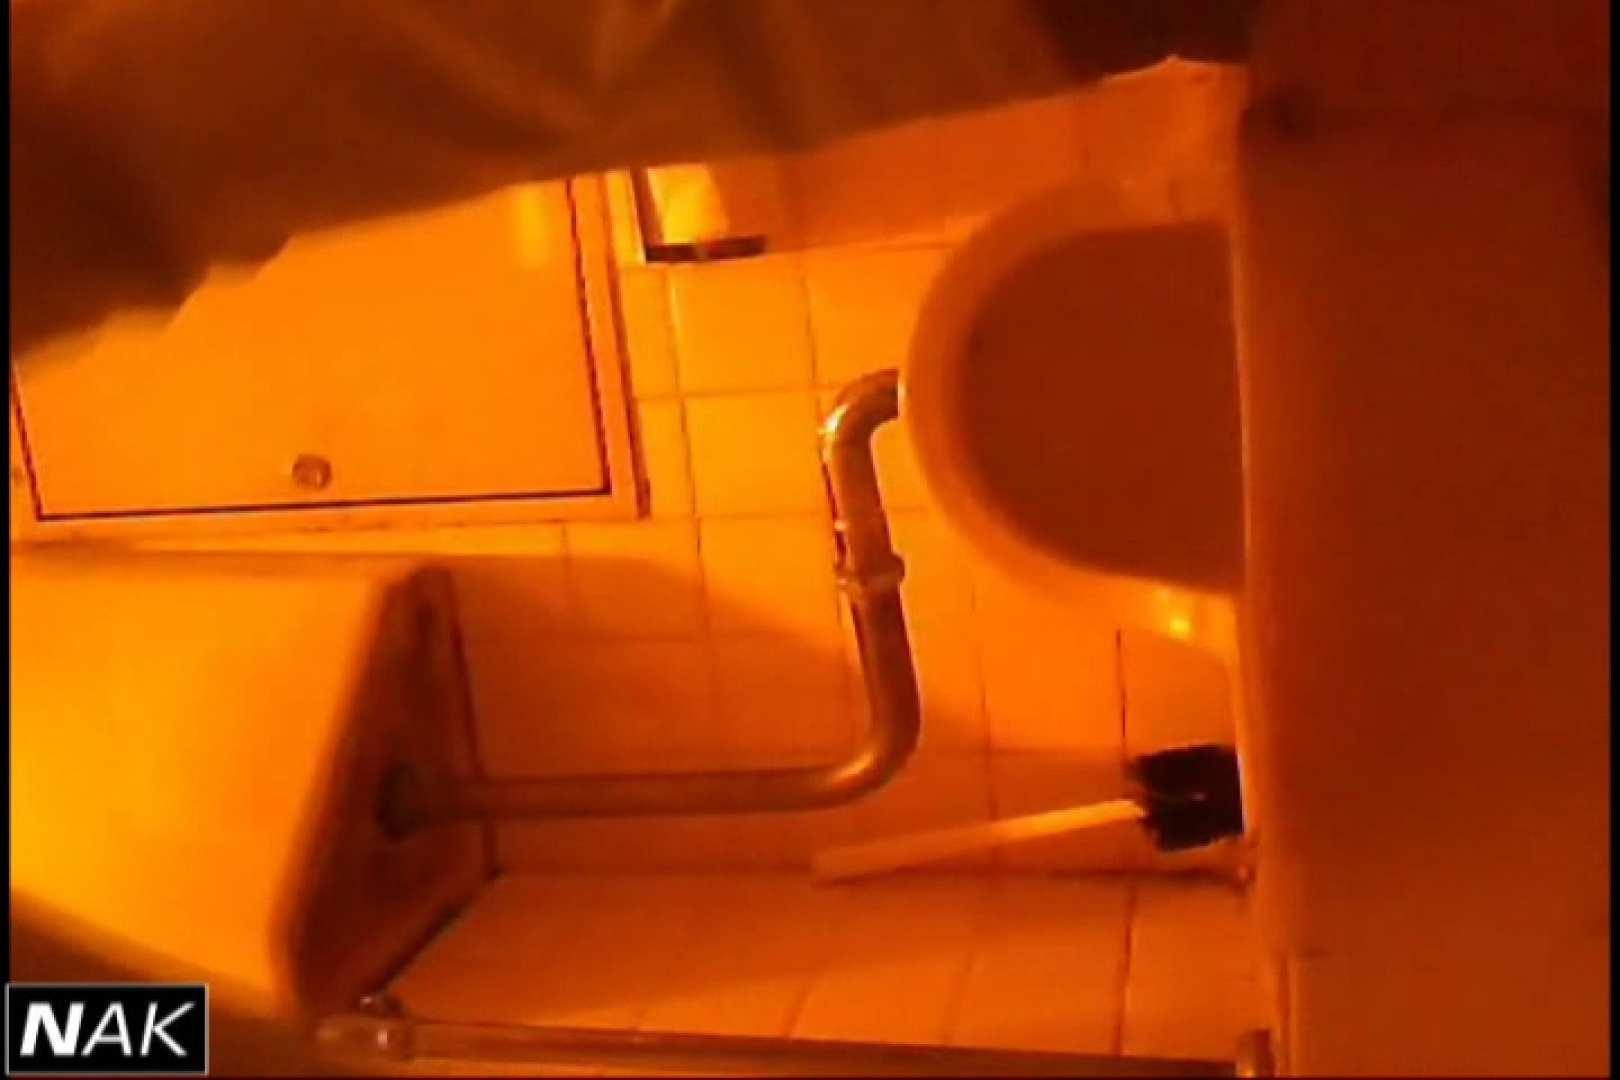 亀さんかわや VIP和式2カメバージョン! vol.09 黄金水 | オマンコ丸出し  105画像 99